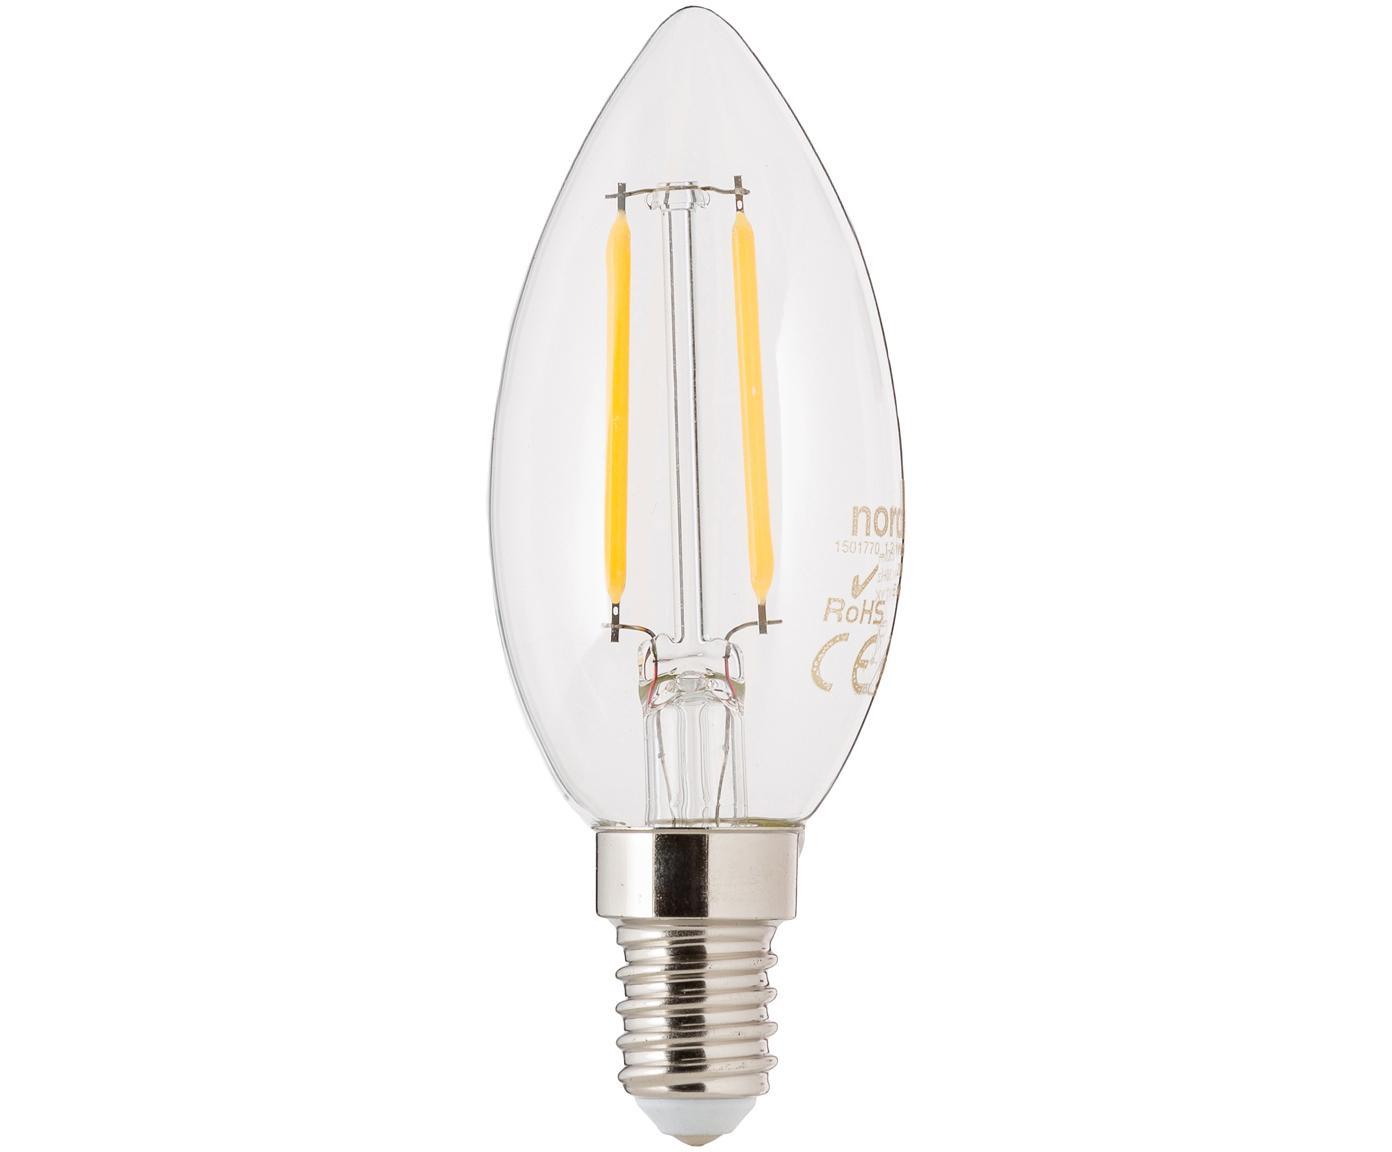 Żarówka LED Vel (E14/2W), Transparentny, Ø 4 x W 10 cm